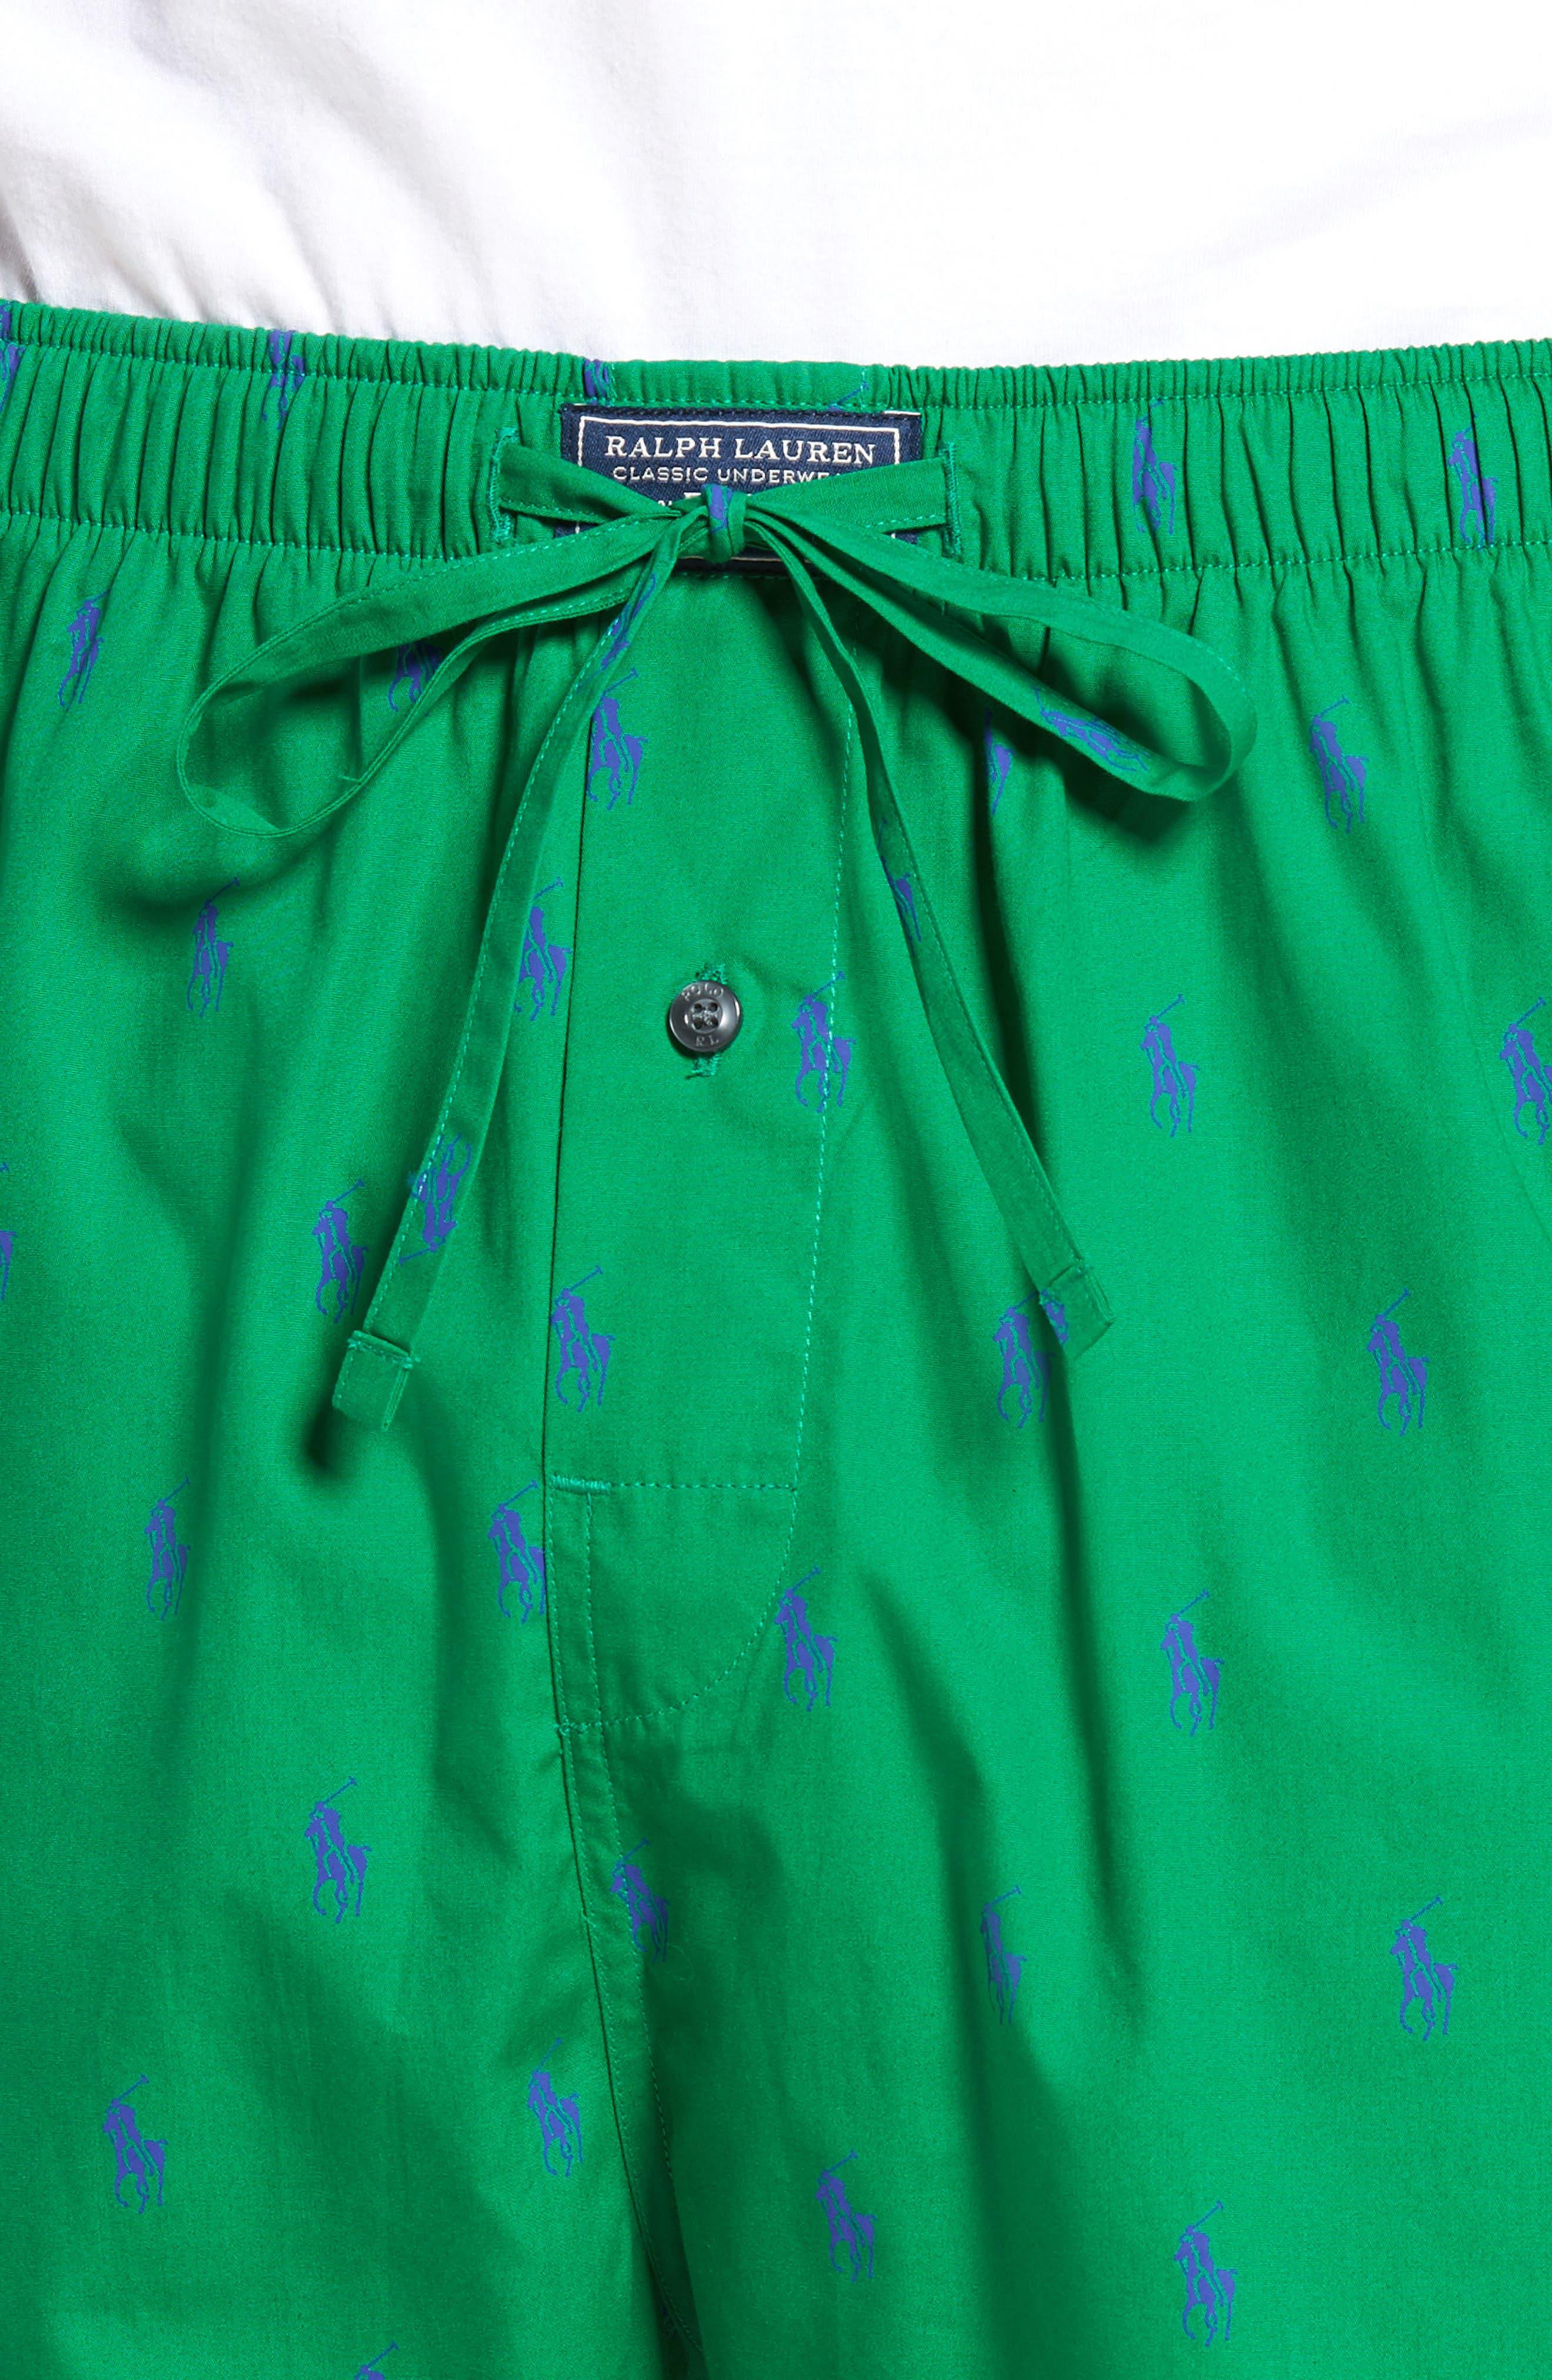 Polo Ralph Lauren Cotton Lounge Pants,                             Alternate thumbnail 17, color,